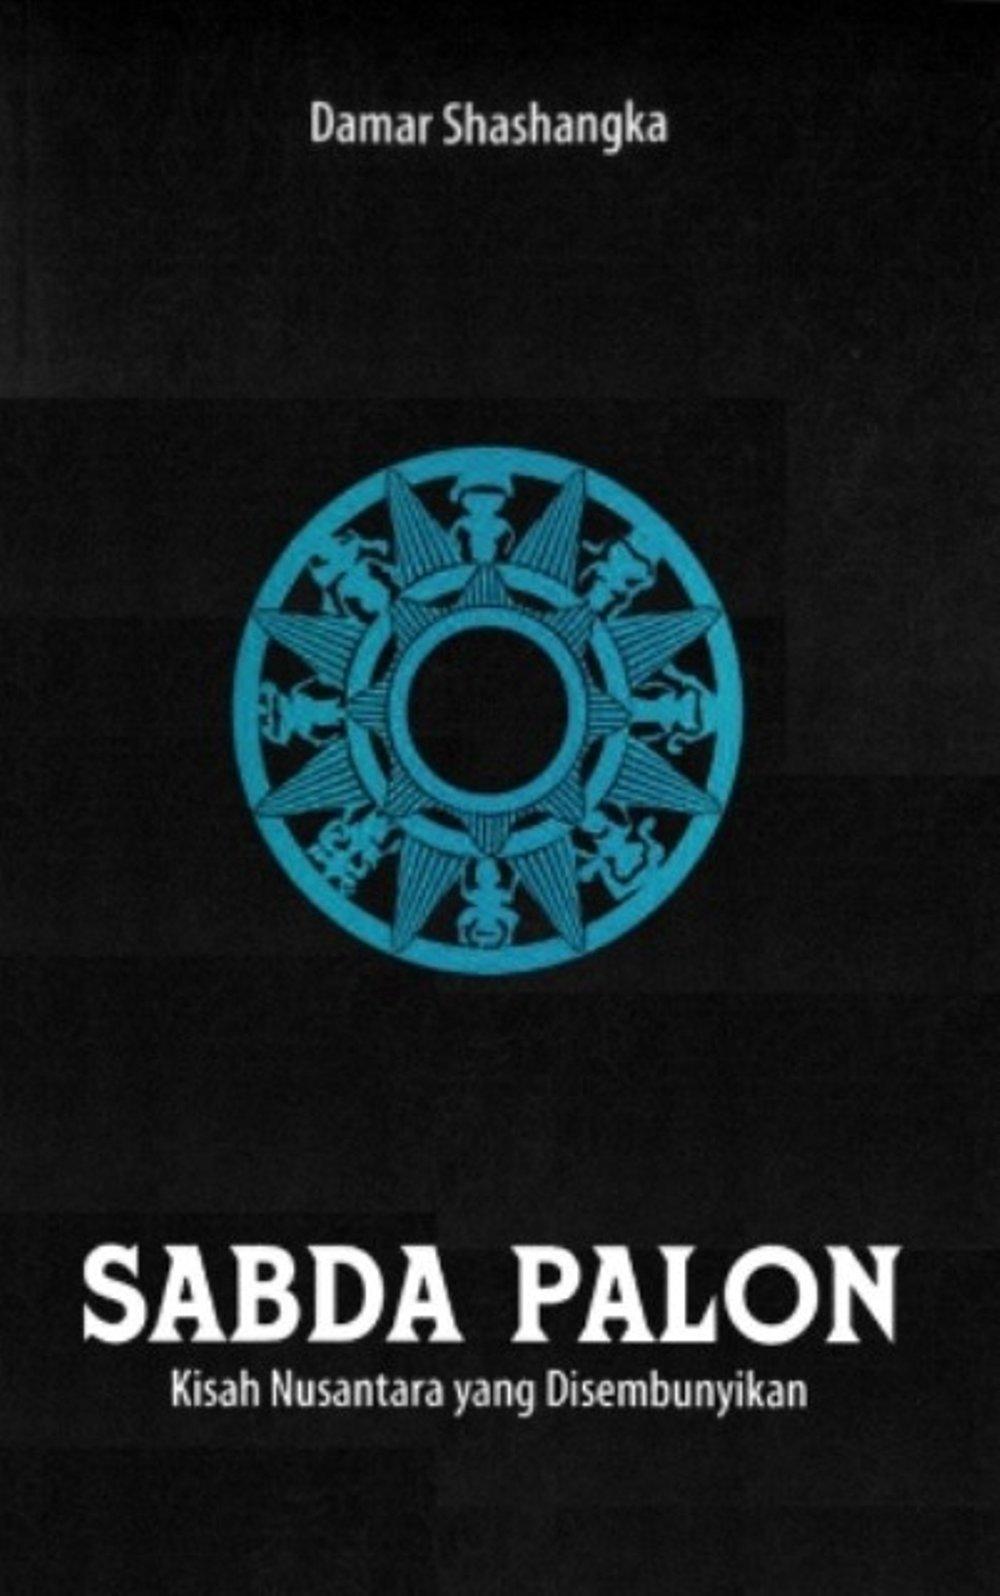 SABDA PALON 1 : Kisah Nusantara yang Disembunyikan